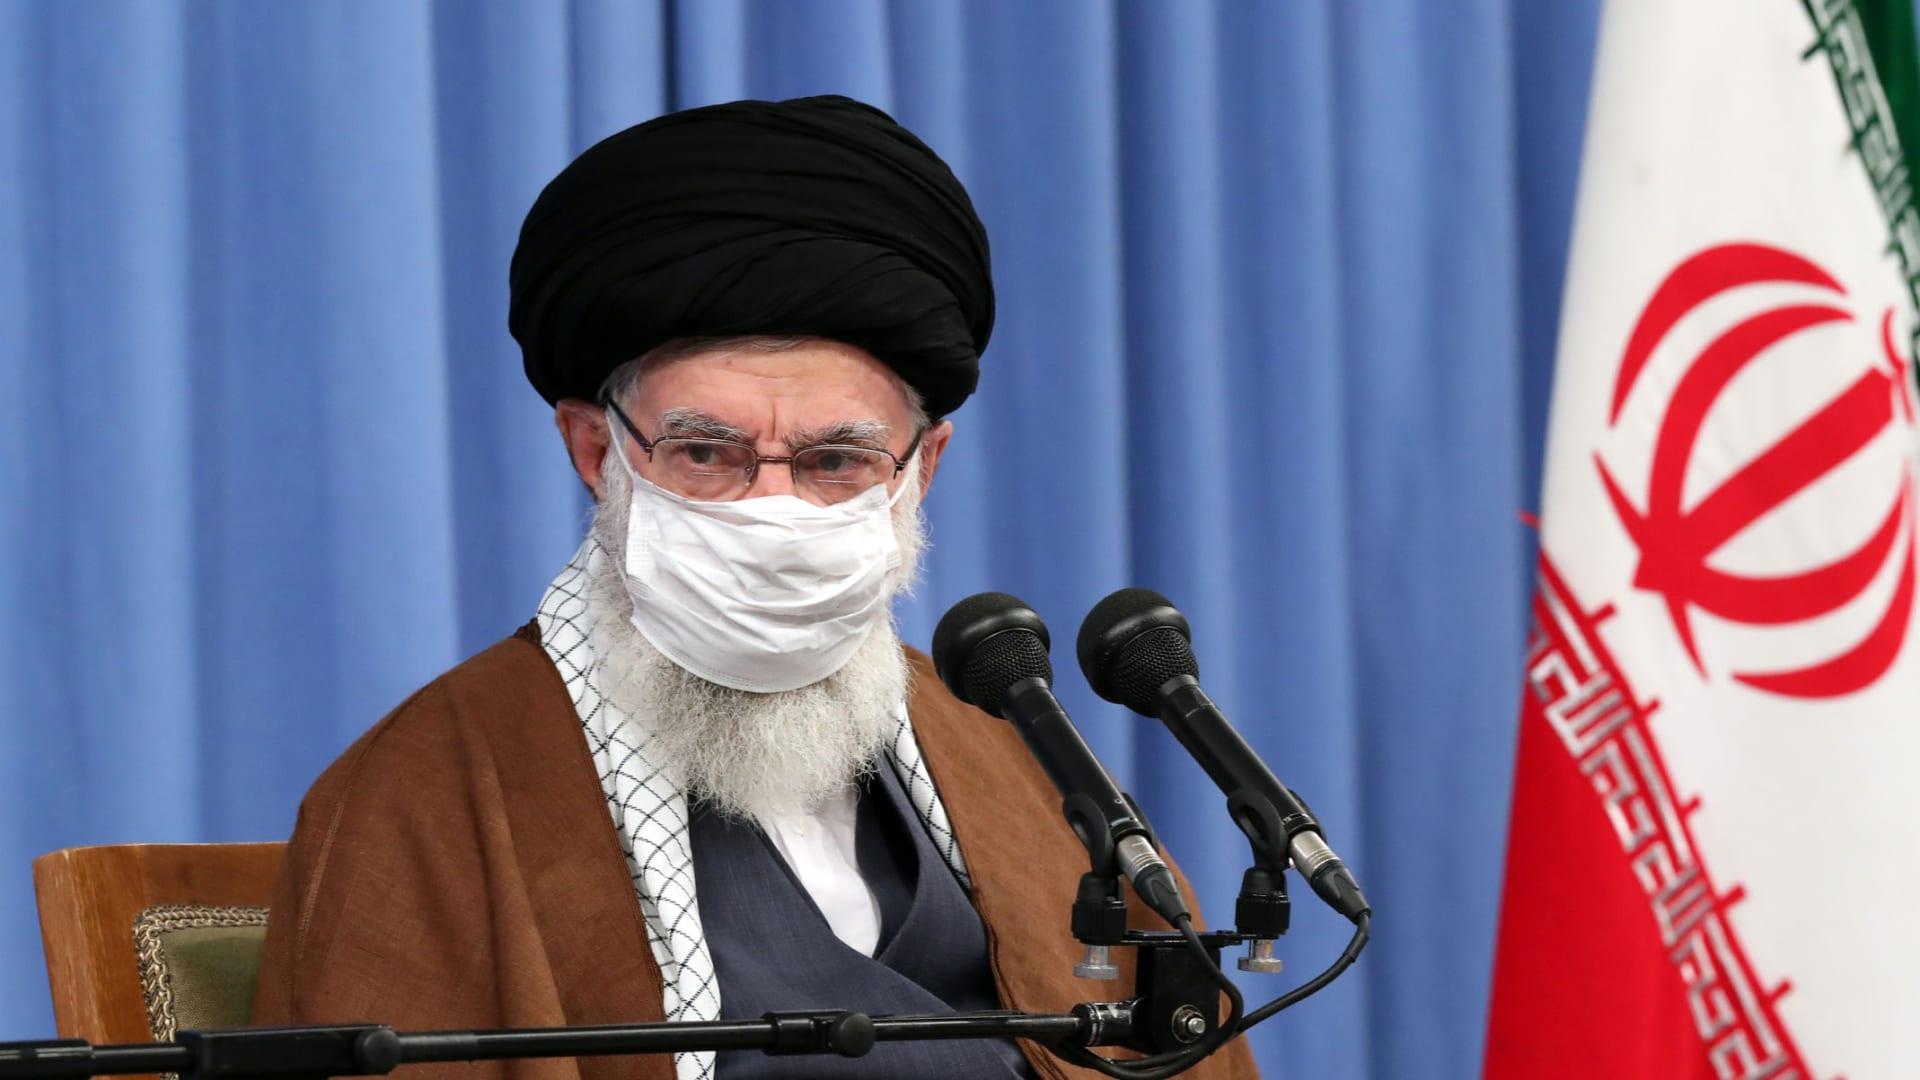 بعد رفض إيران عقد محادثات حول الاتفاق النووي.. خامنئي: علينا بدء تخصيب اليورانيوم من اليوم